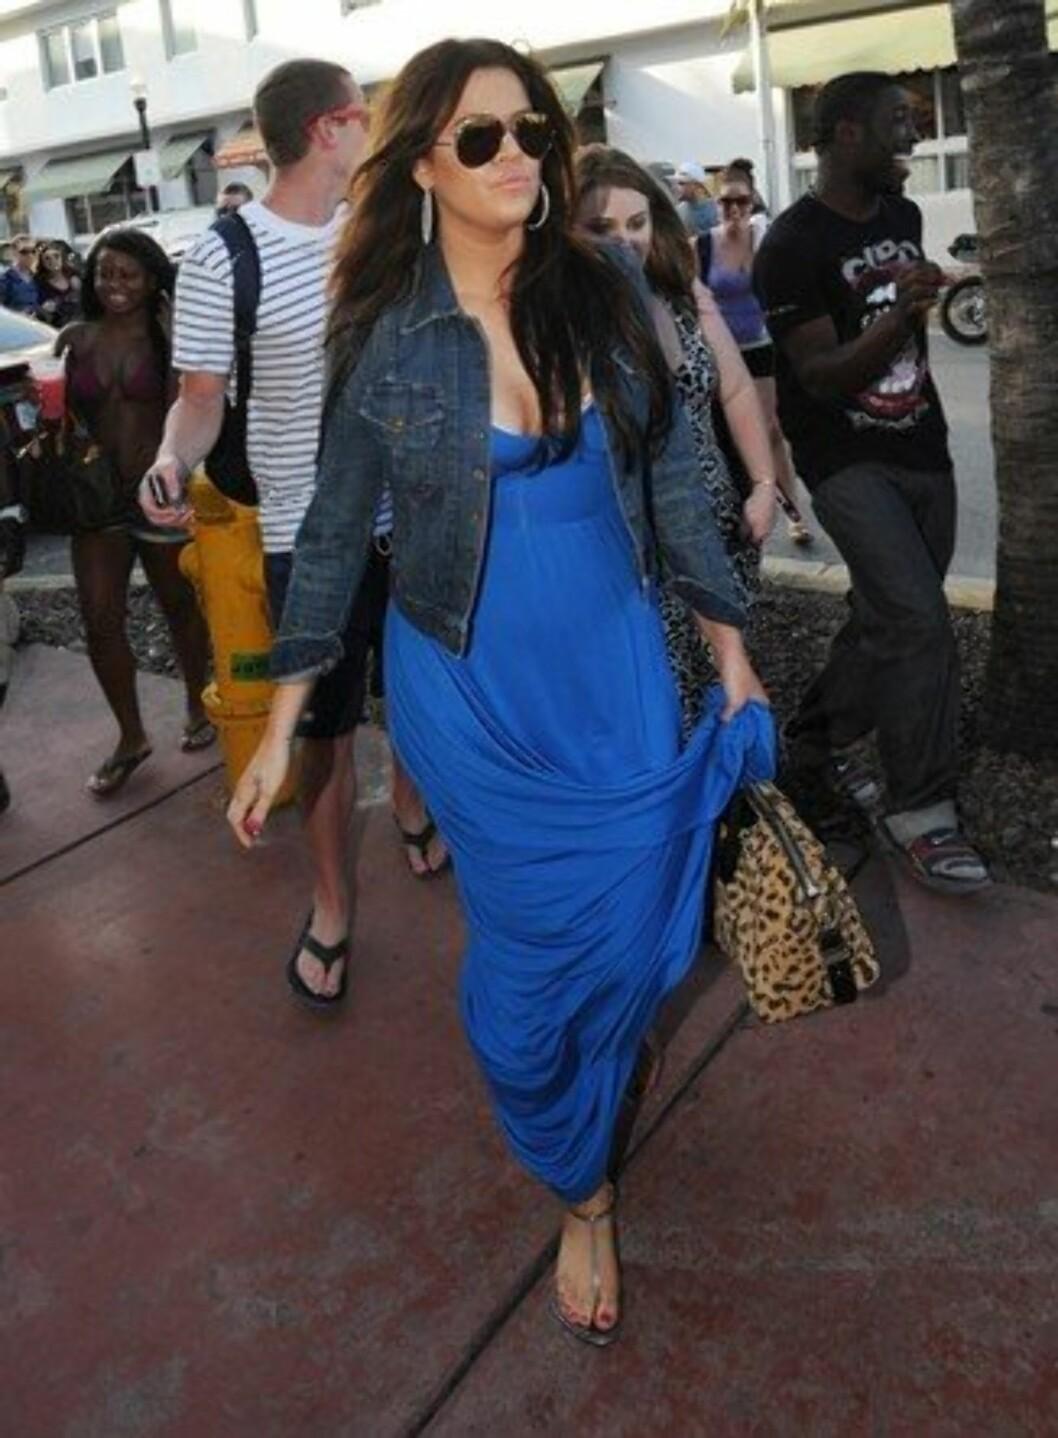 Realitykjendis Khloe Kardashian bruker den til maxikjolen. Foto: All Over Press